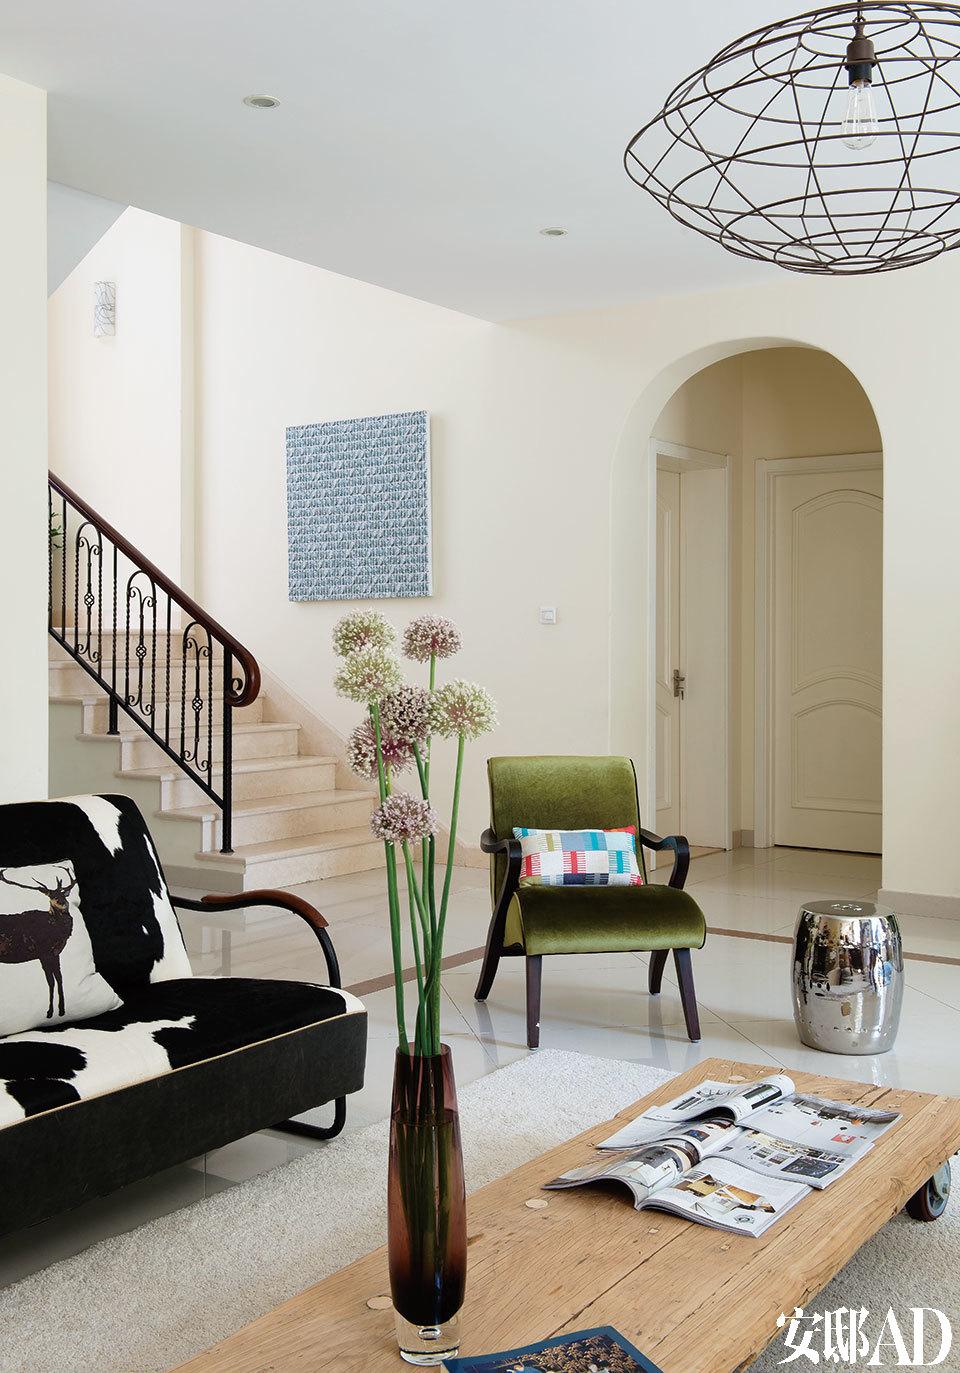 客厅的另一侧,绿色丝绒复古扶手椅来自上海的Ting家居店,上面摆着Trine自己设计的靠垫,靠楼梯的墙上挂着陈灵刚的艺术作品。